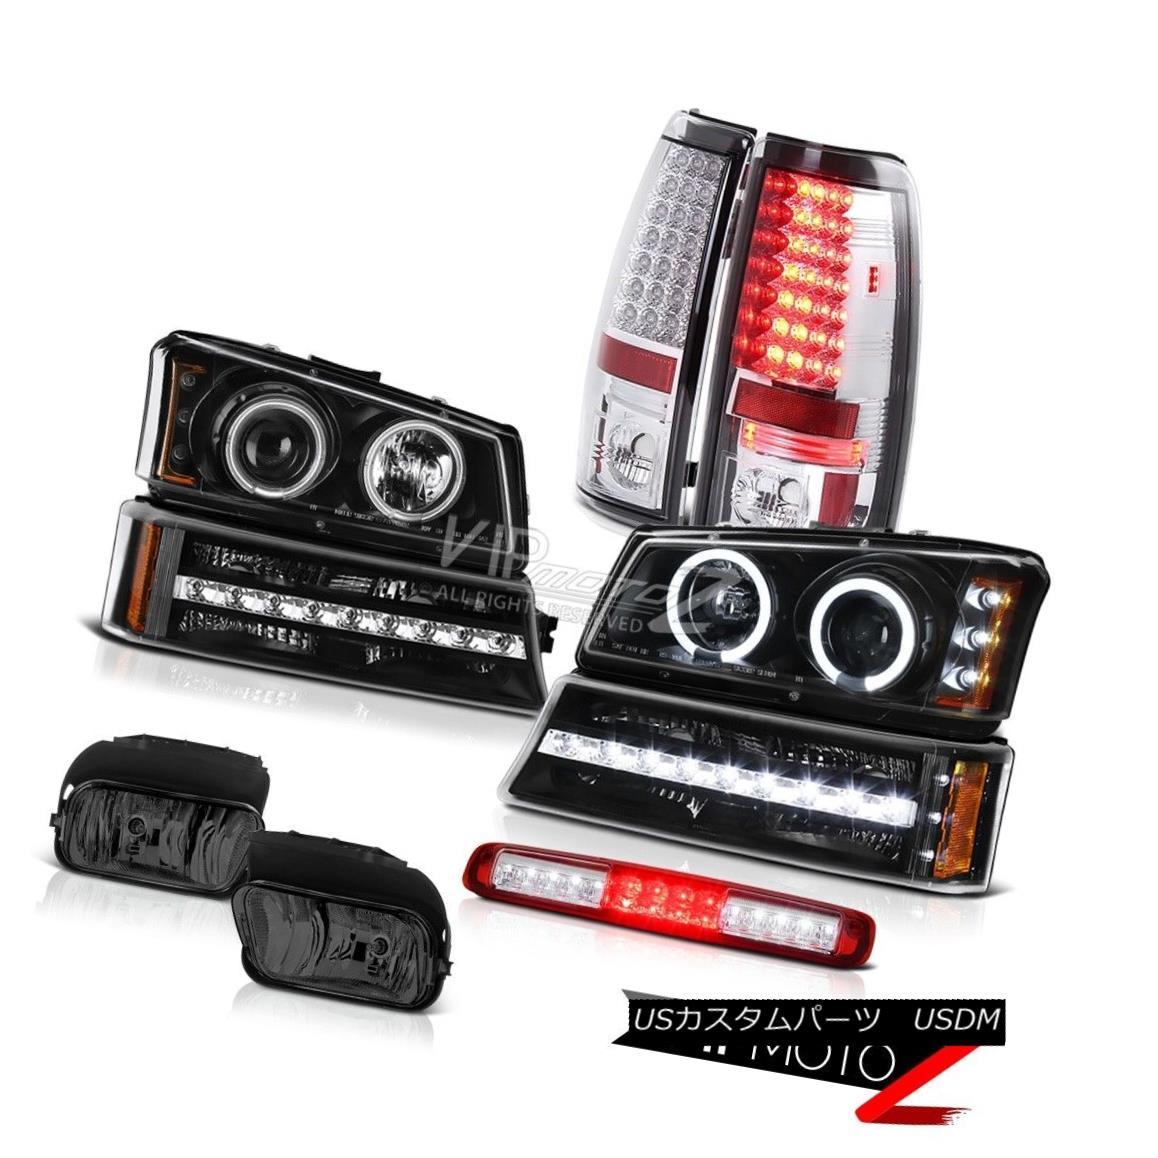 ヘッドライト 03-06 Silverado 2500Hd Fog Lights Roof Cab Light Bumper Headlamps Taillights 03-06 Silverado 2500Hdフォグランプルーフキャブライトバンパーヘッドランプテールランプ